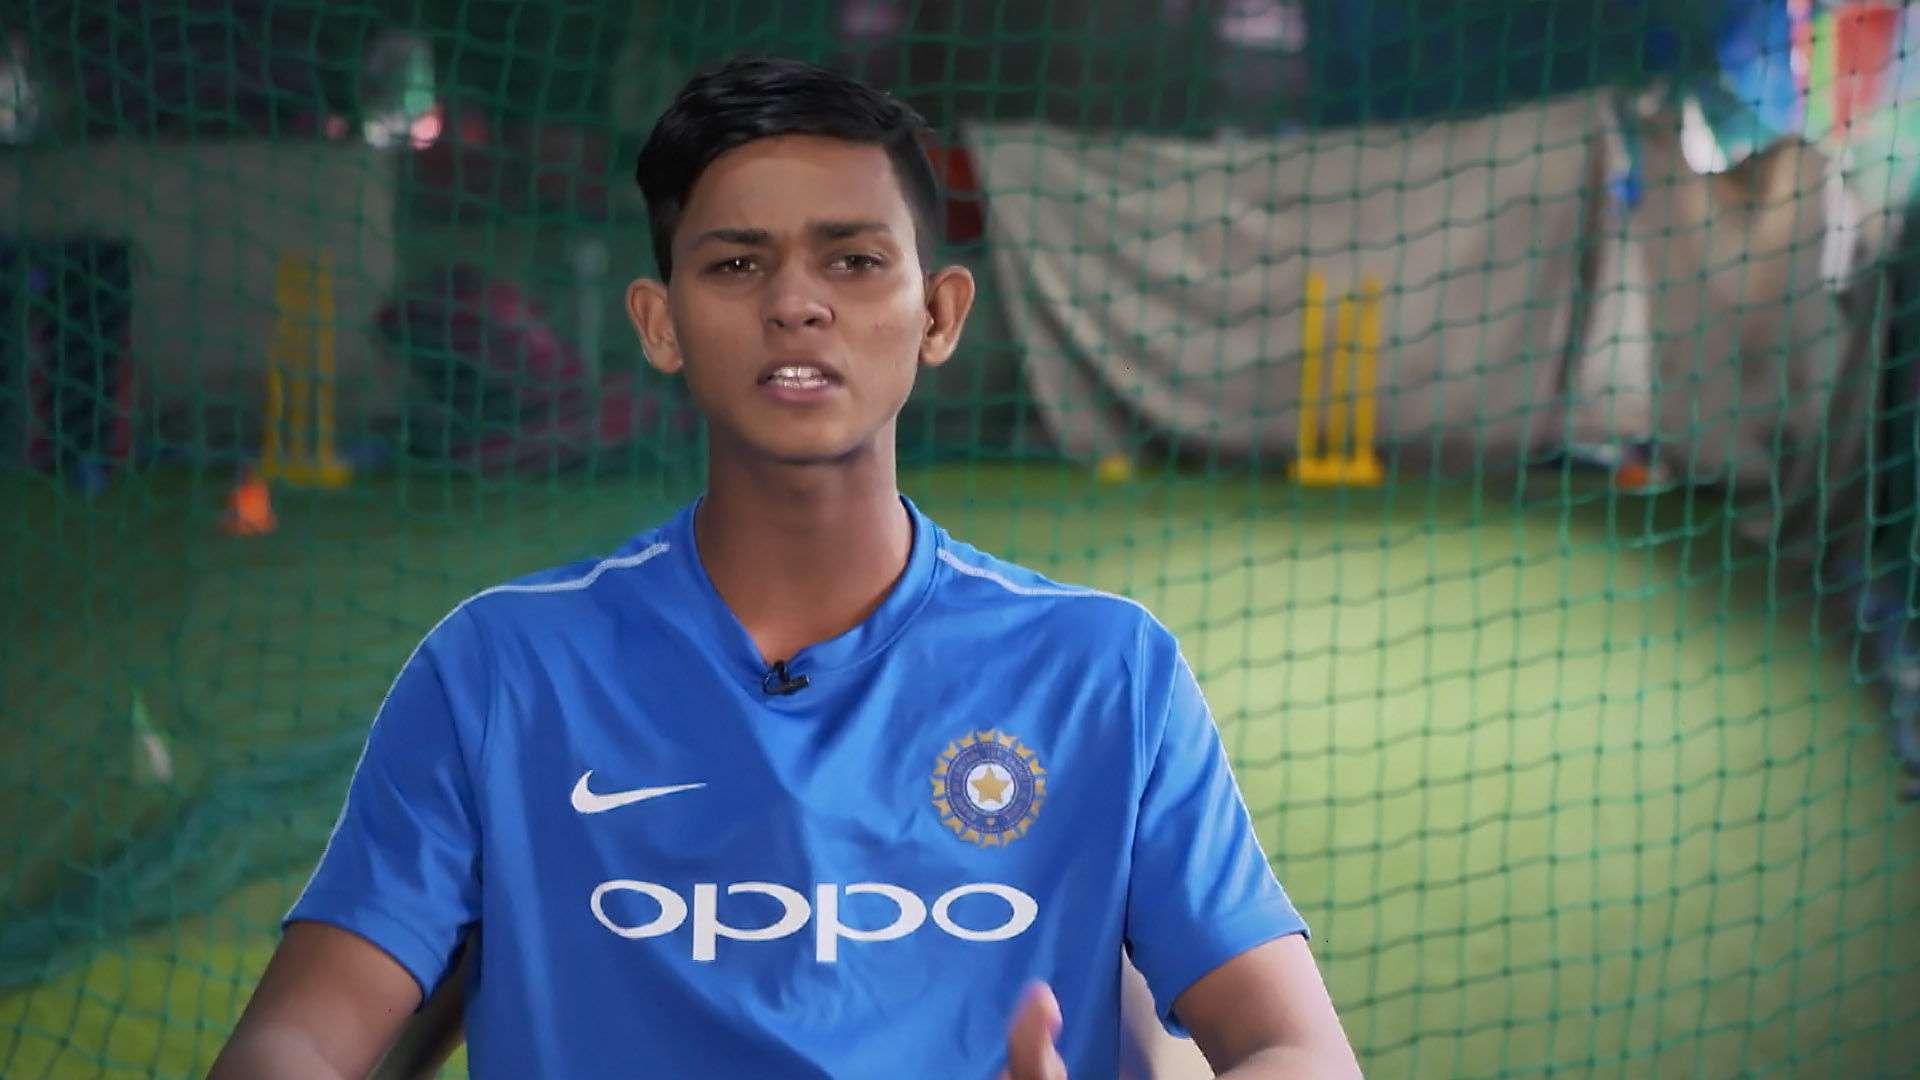 भारत को अंडर-19 एशिया कप जीताने वाले यशस्वी जायसवाल ने इस दिग्गज भारतीय को दिया पूरा-पूरा श्रेय 46